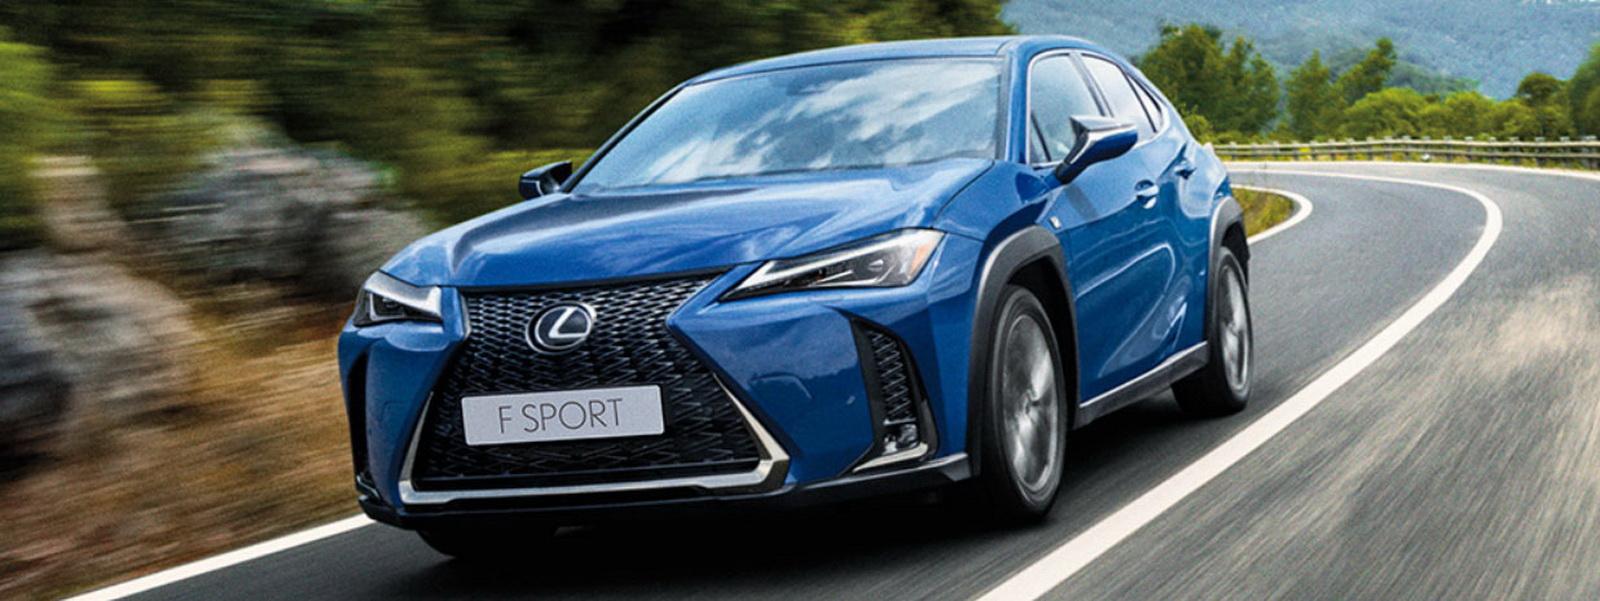 圖/整個5月臺灣汽車銷量,以和泰汽車Toyota與Lexus兩大品牌共表現最為強勢。